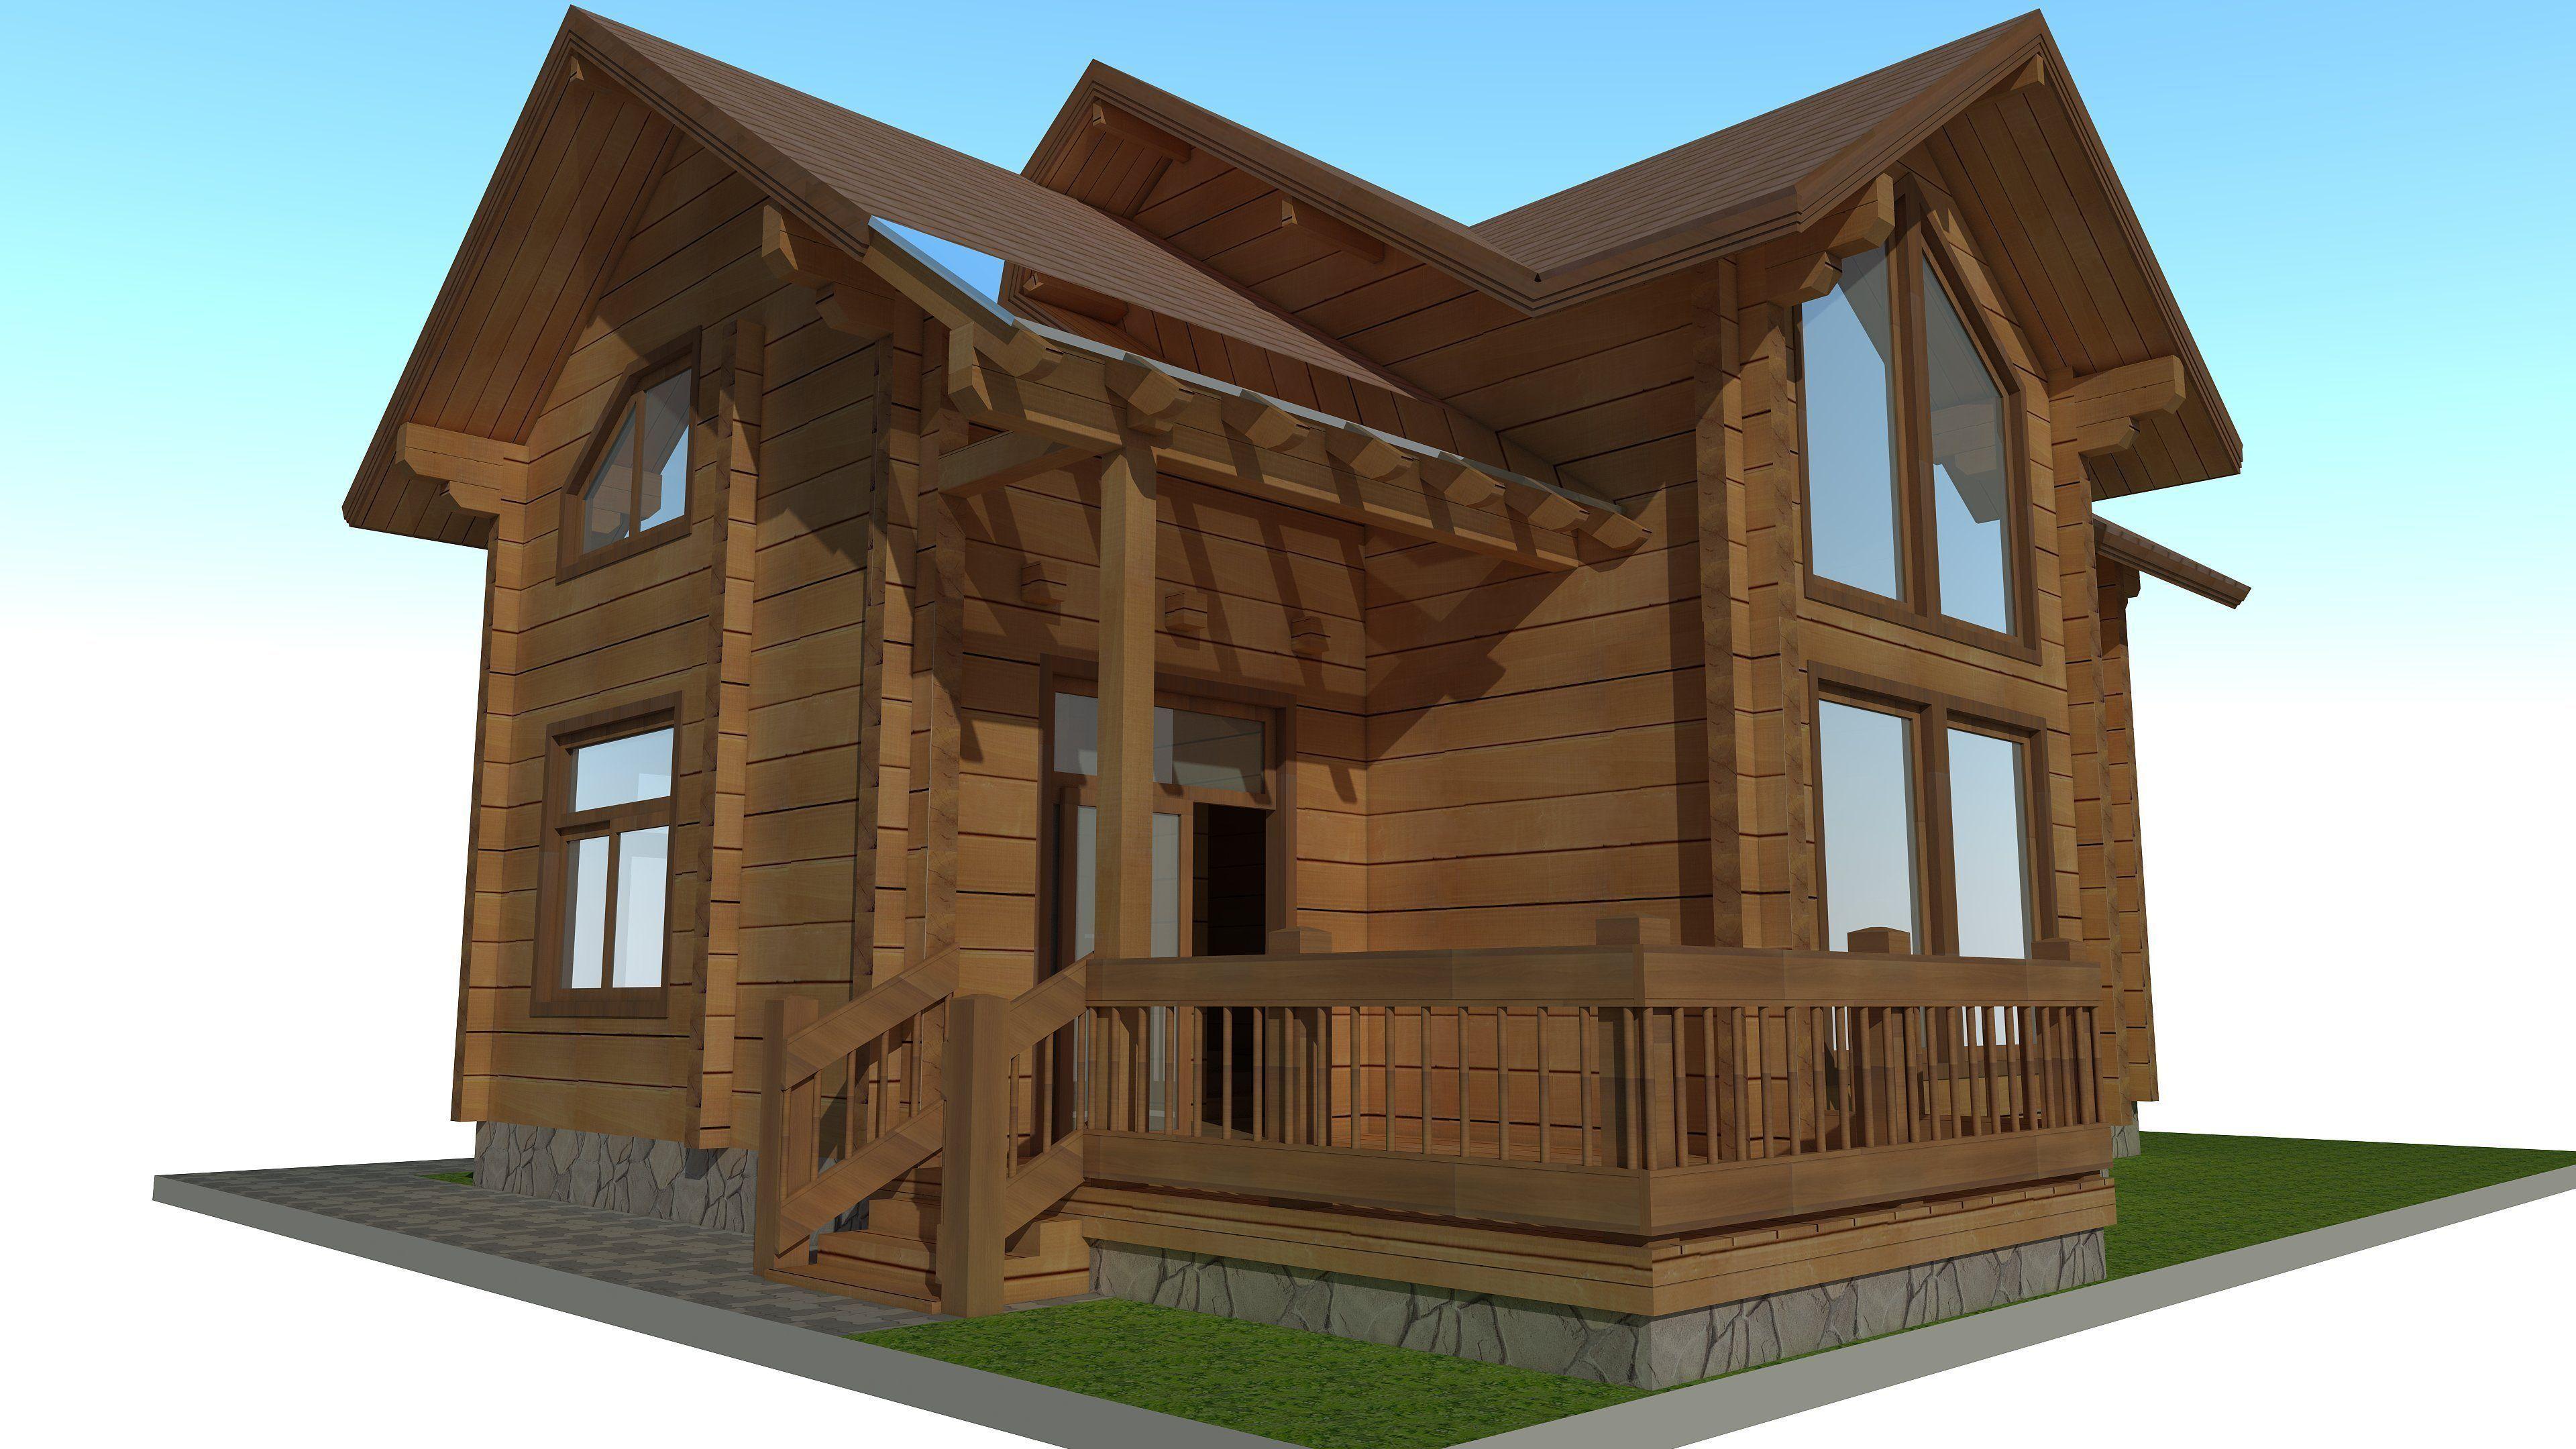 Wood house exterior 3d model skp for 3d model of house